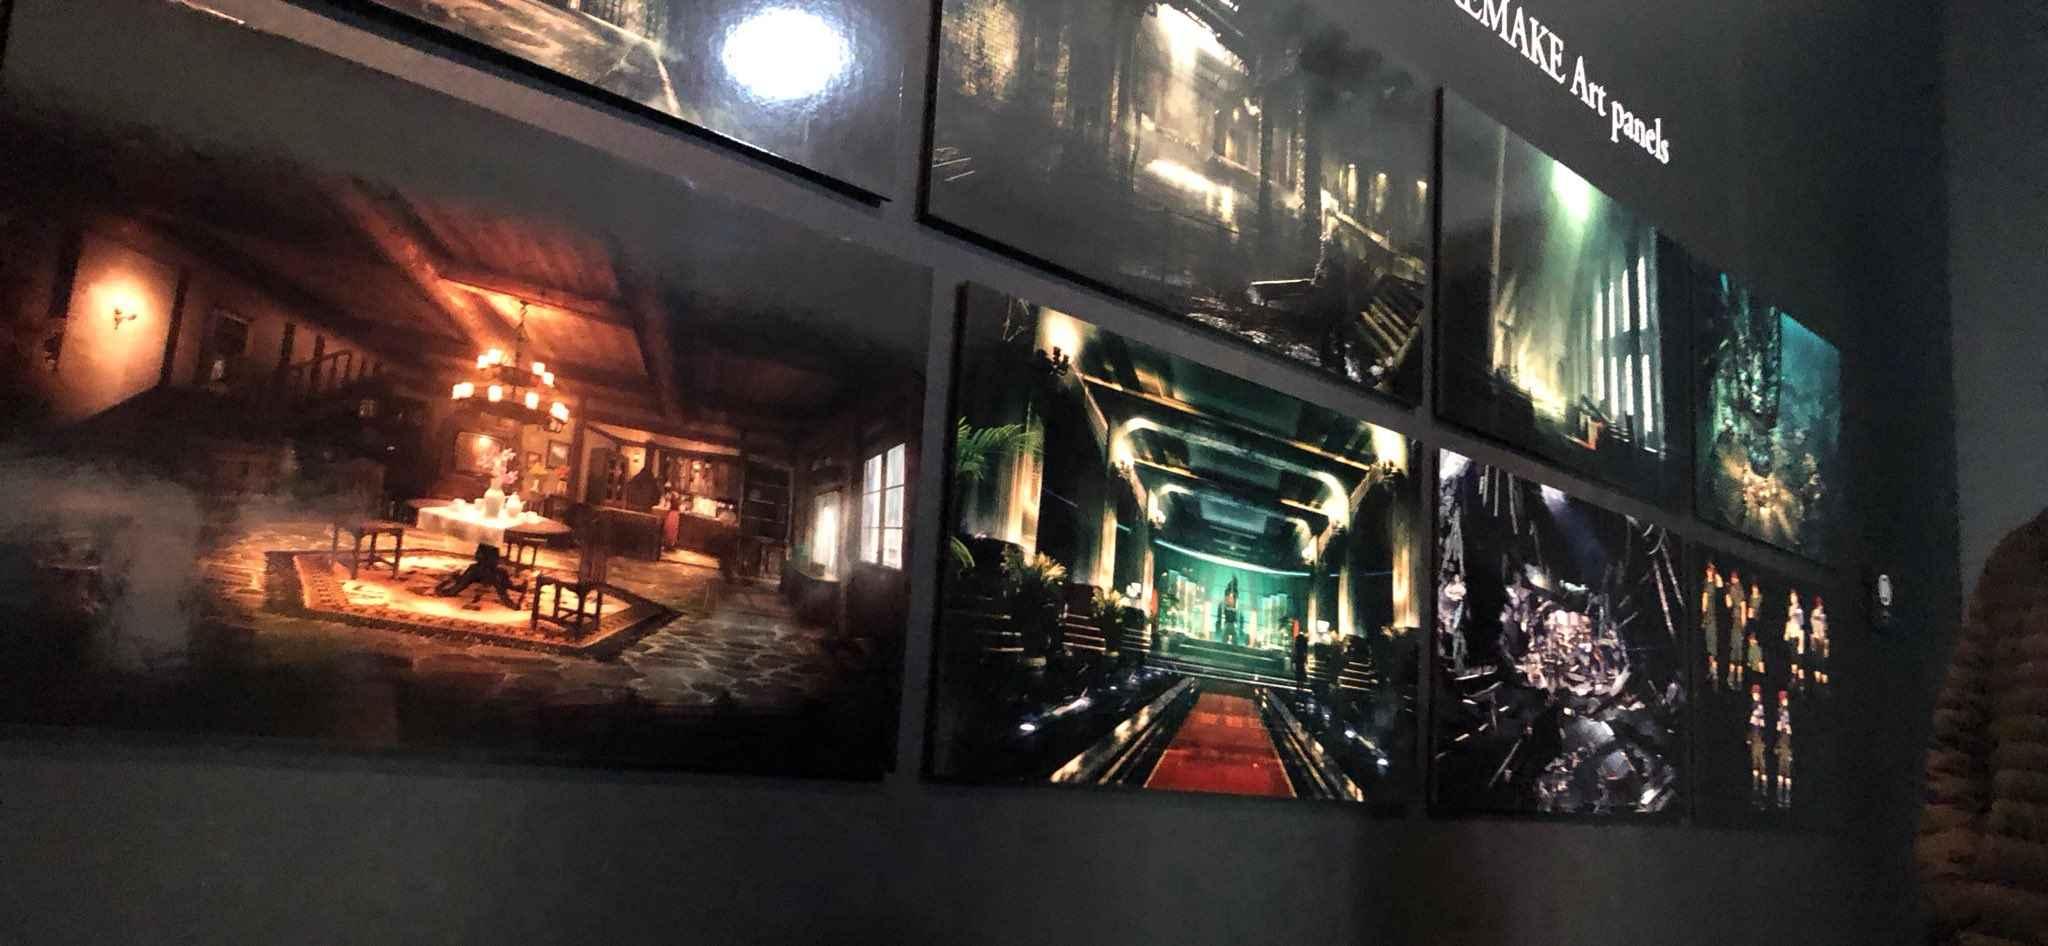 final fantasy vii tokyo exhibition